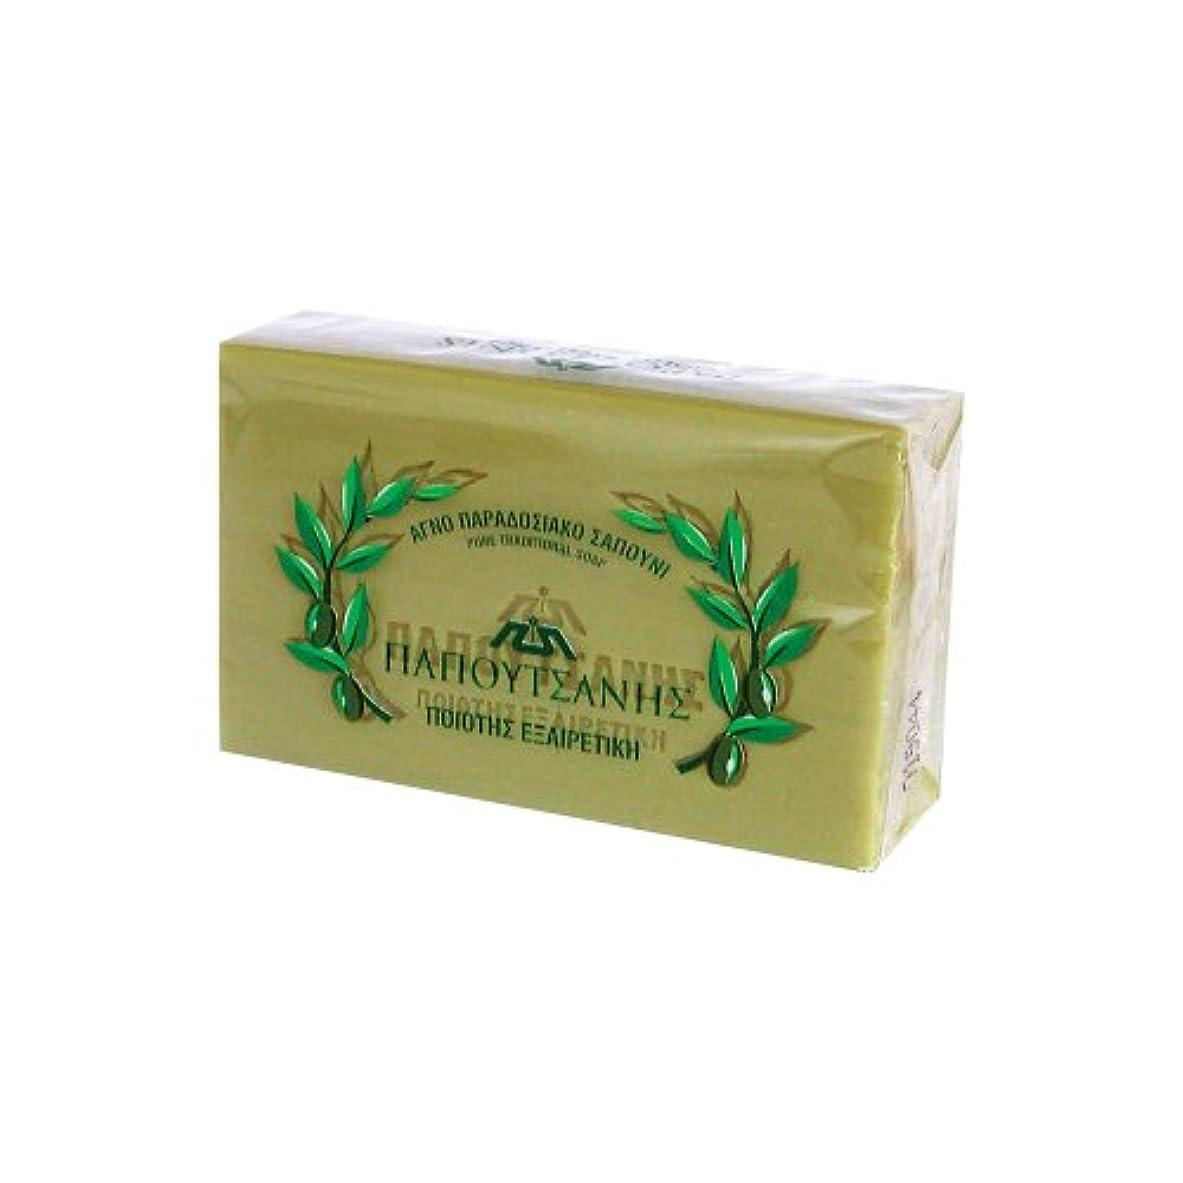 食堂医薬品高揚したギリシャの石鹸 パポタニス125g